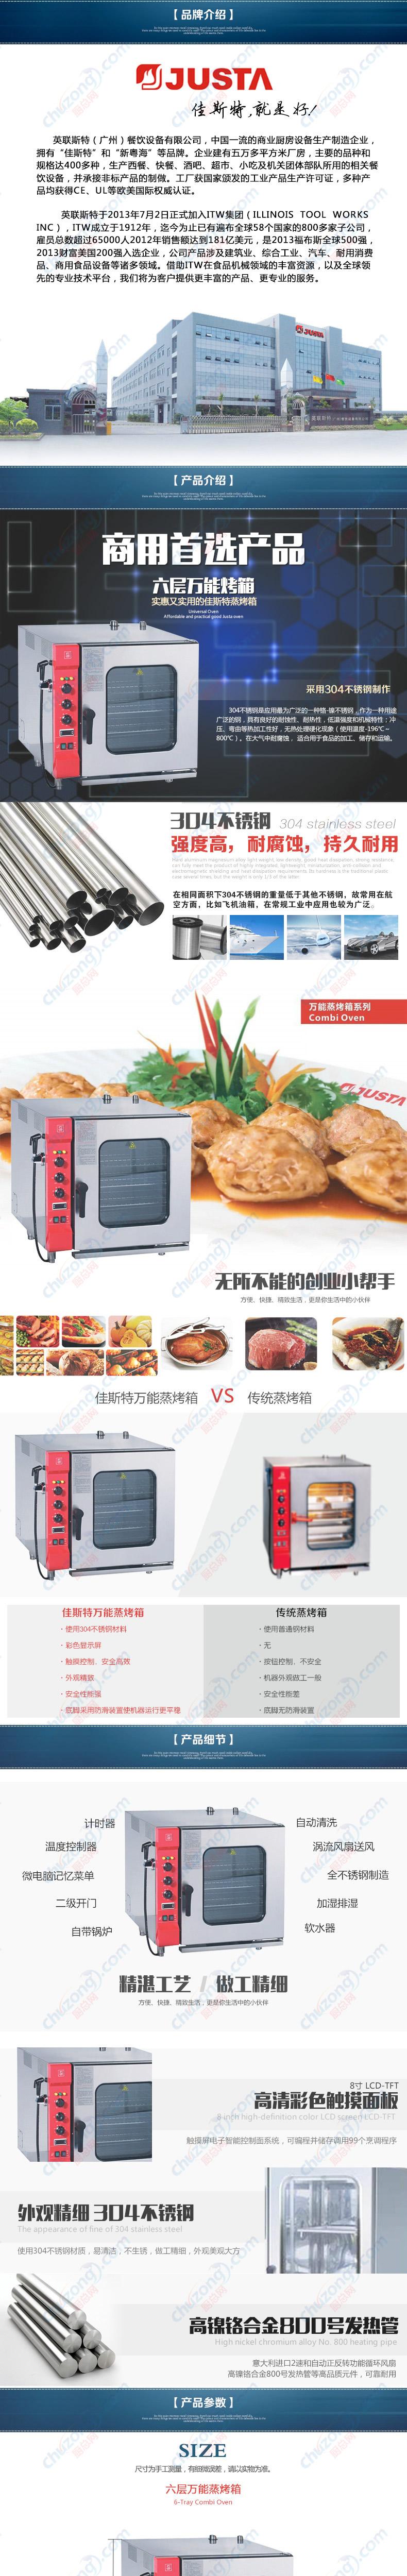 佳斯特蒸烤箱,六层万能蒸烤箱,电脑版蒸烤箱WR-6-11-L